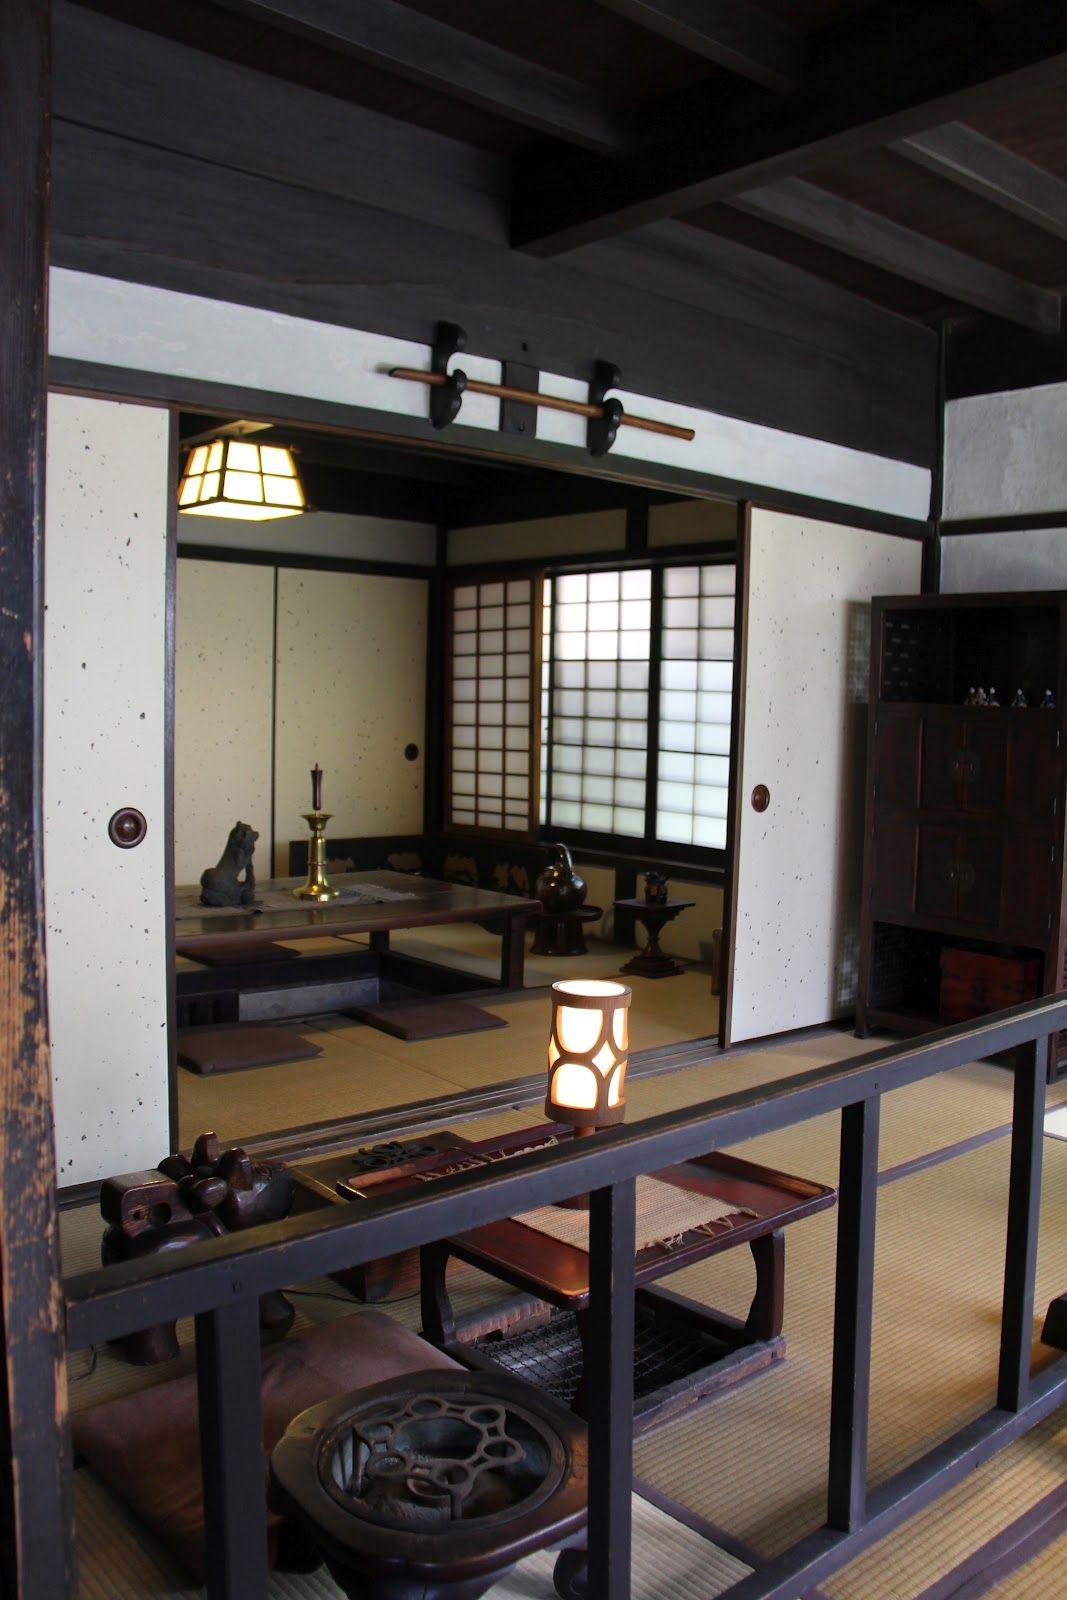 japanese interior style 日本 インテリア インテリア 家具 古い家屋 on kitchen interior japanese style id=85405